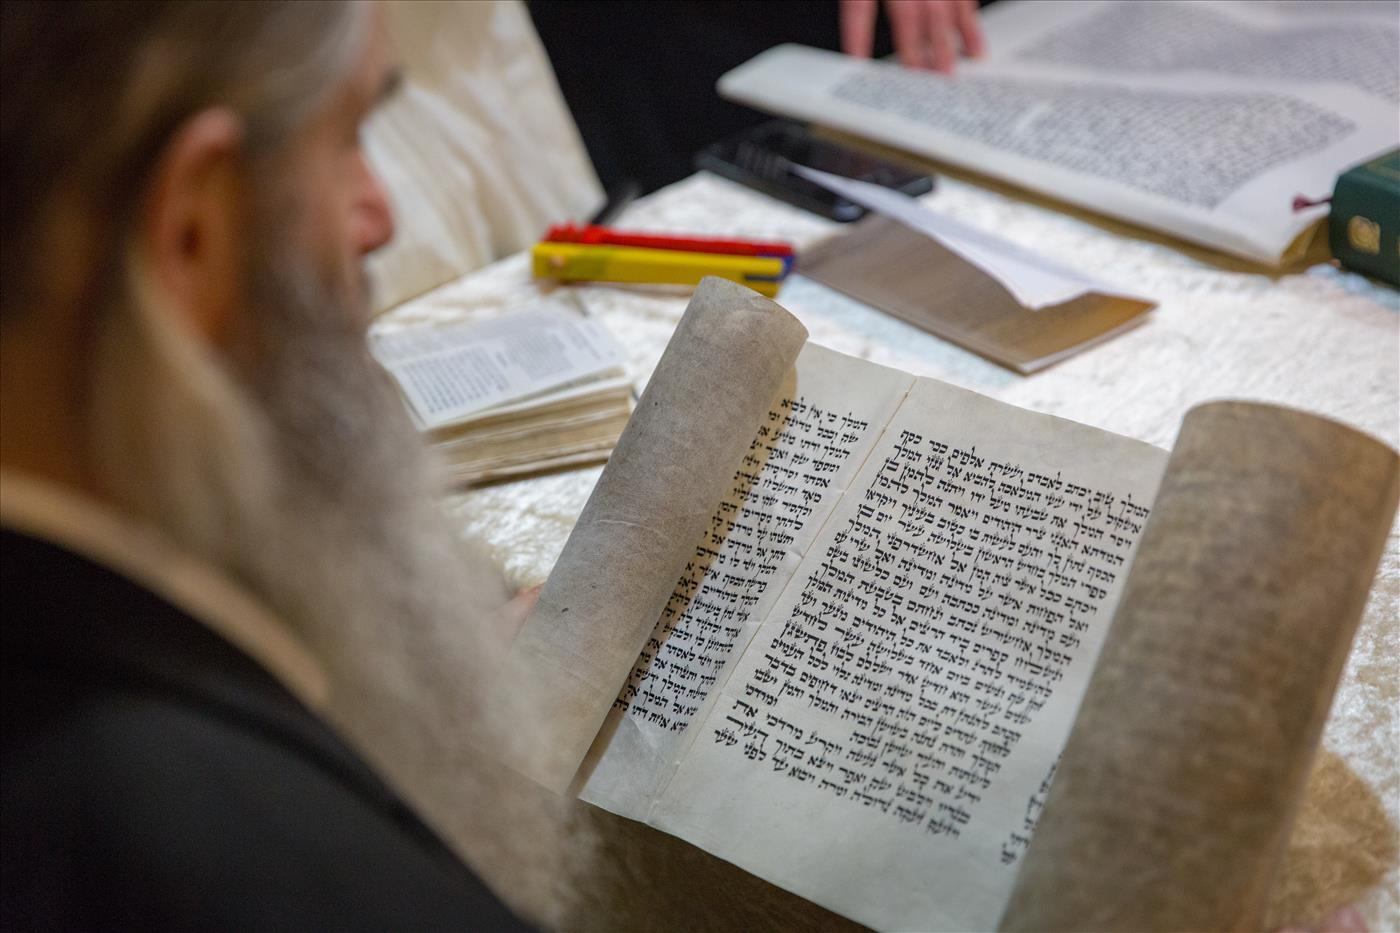 קריאת המגילה ביישוב מיצד בגוש עציון (הלל מאיר tps)